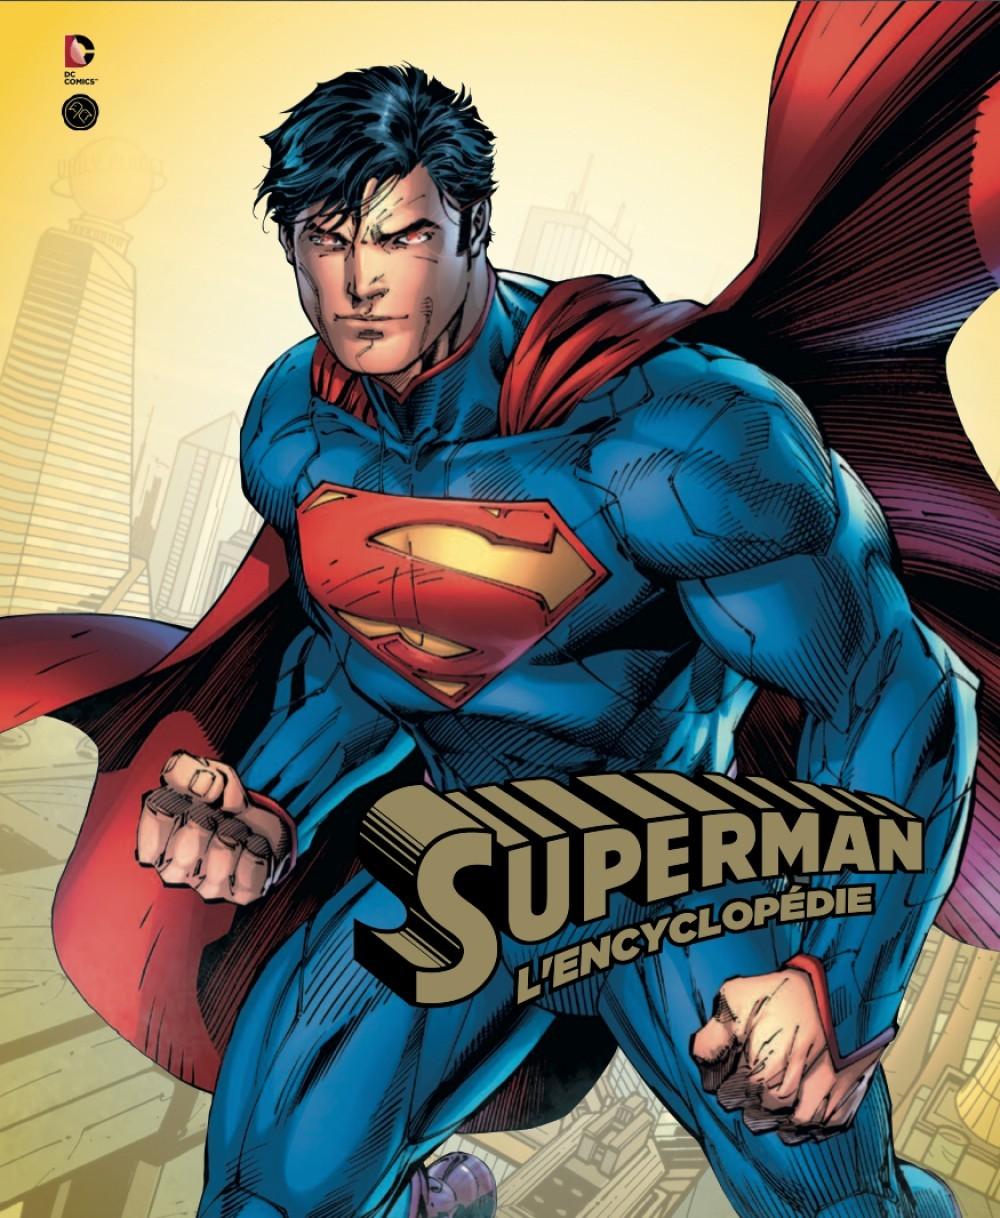 PARA BD DC COMICS: L'ENCYCLOPEDIE SUPERMAN